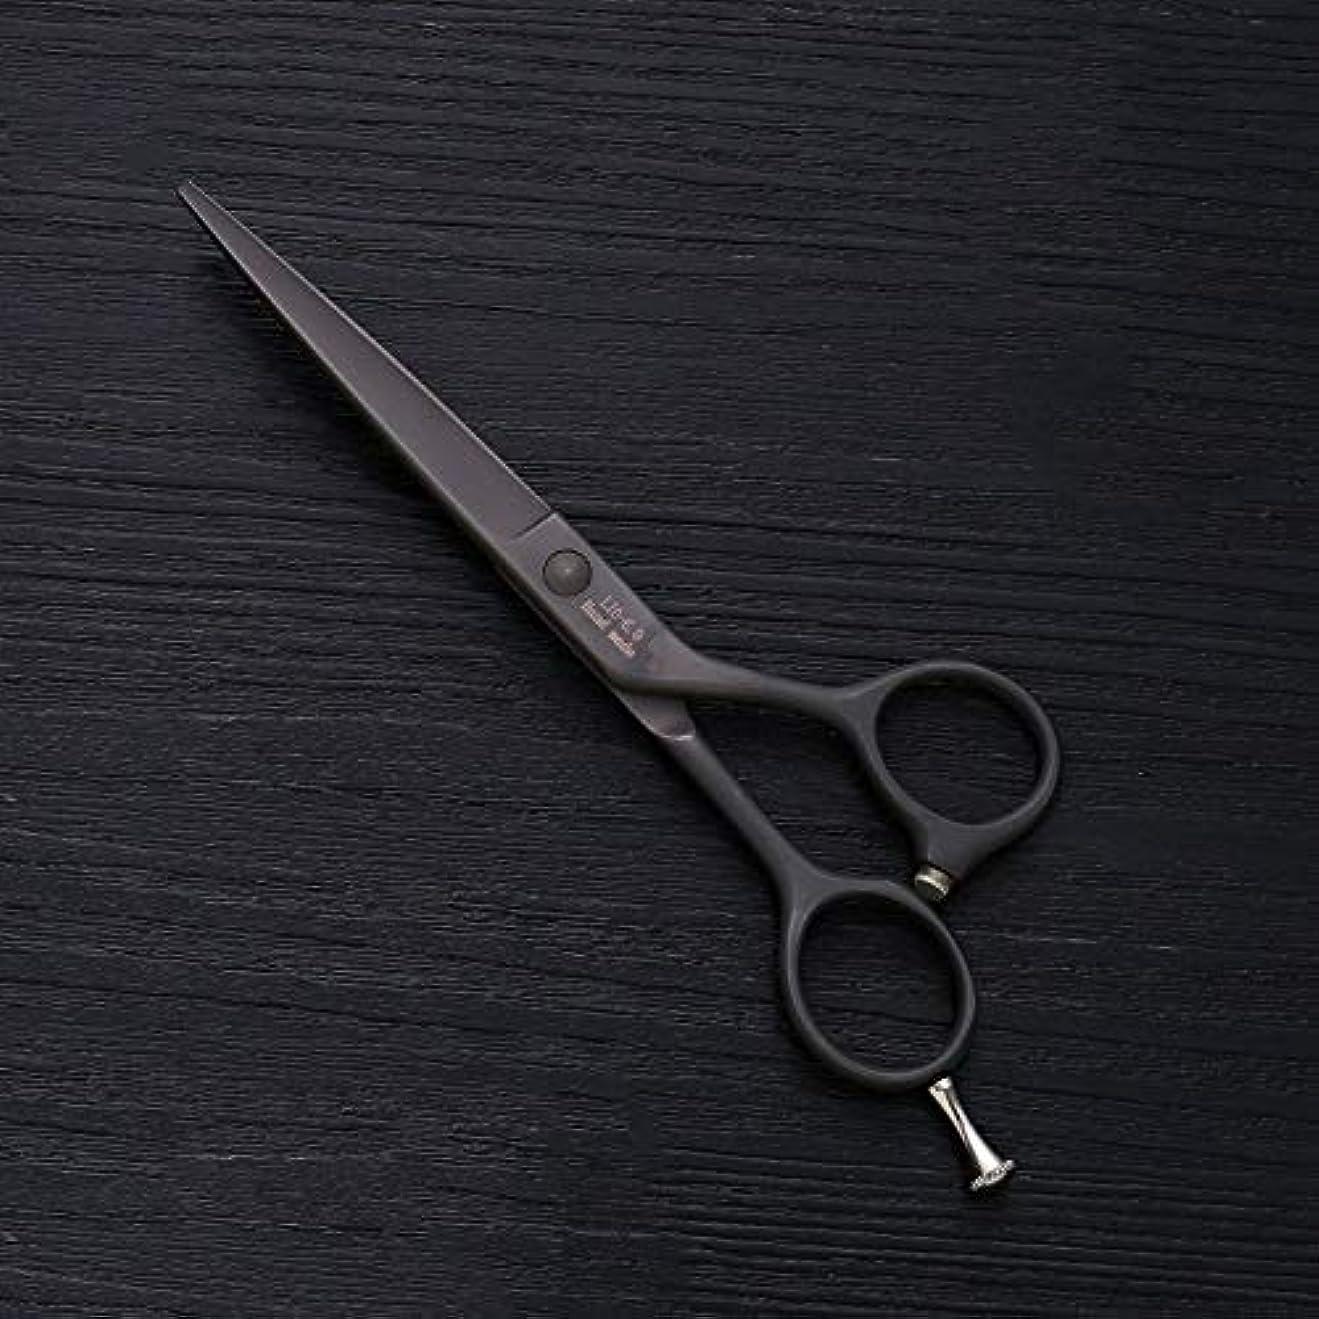 なので無傷天6インチの美容院の専門のヘアカットの毛、ステンレス鋼の理髪の平らなせん断 ヘアケア (色 : 黒)